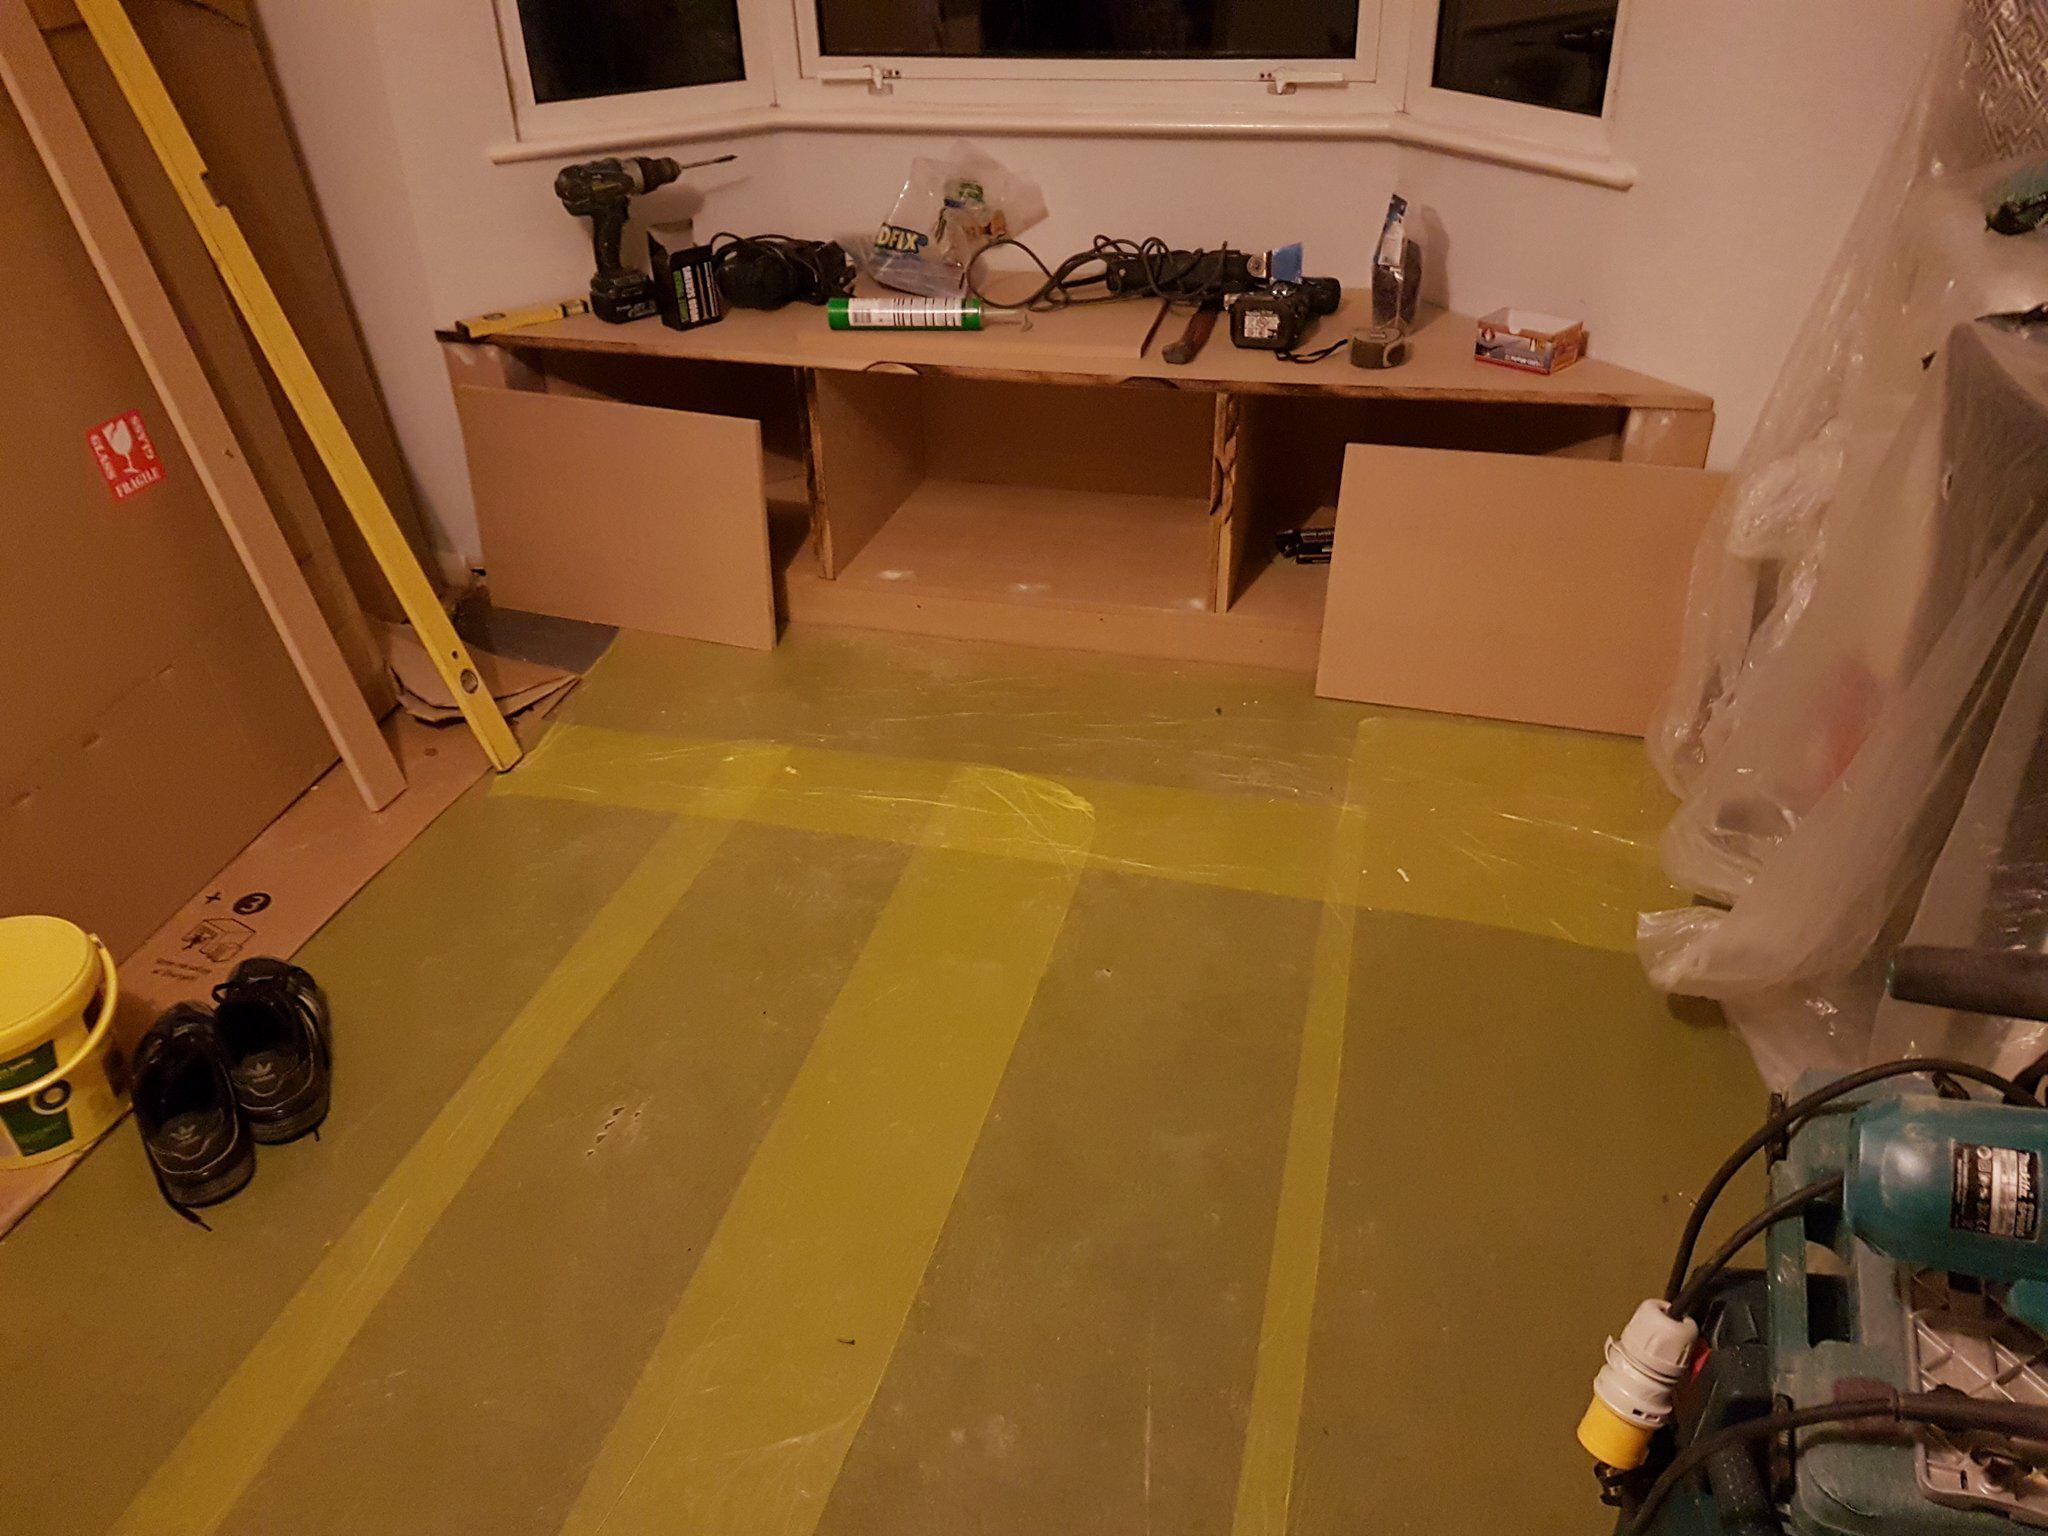 Wardrobe-Storage-bench-Willesden-Green-3